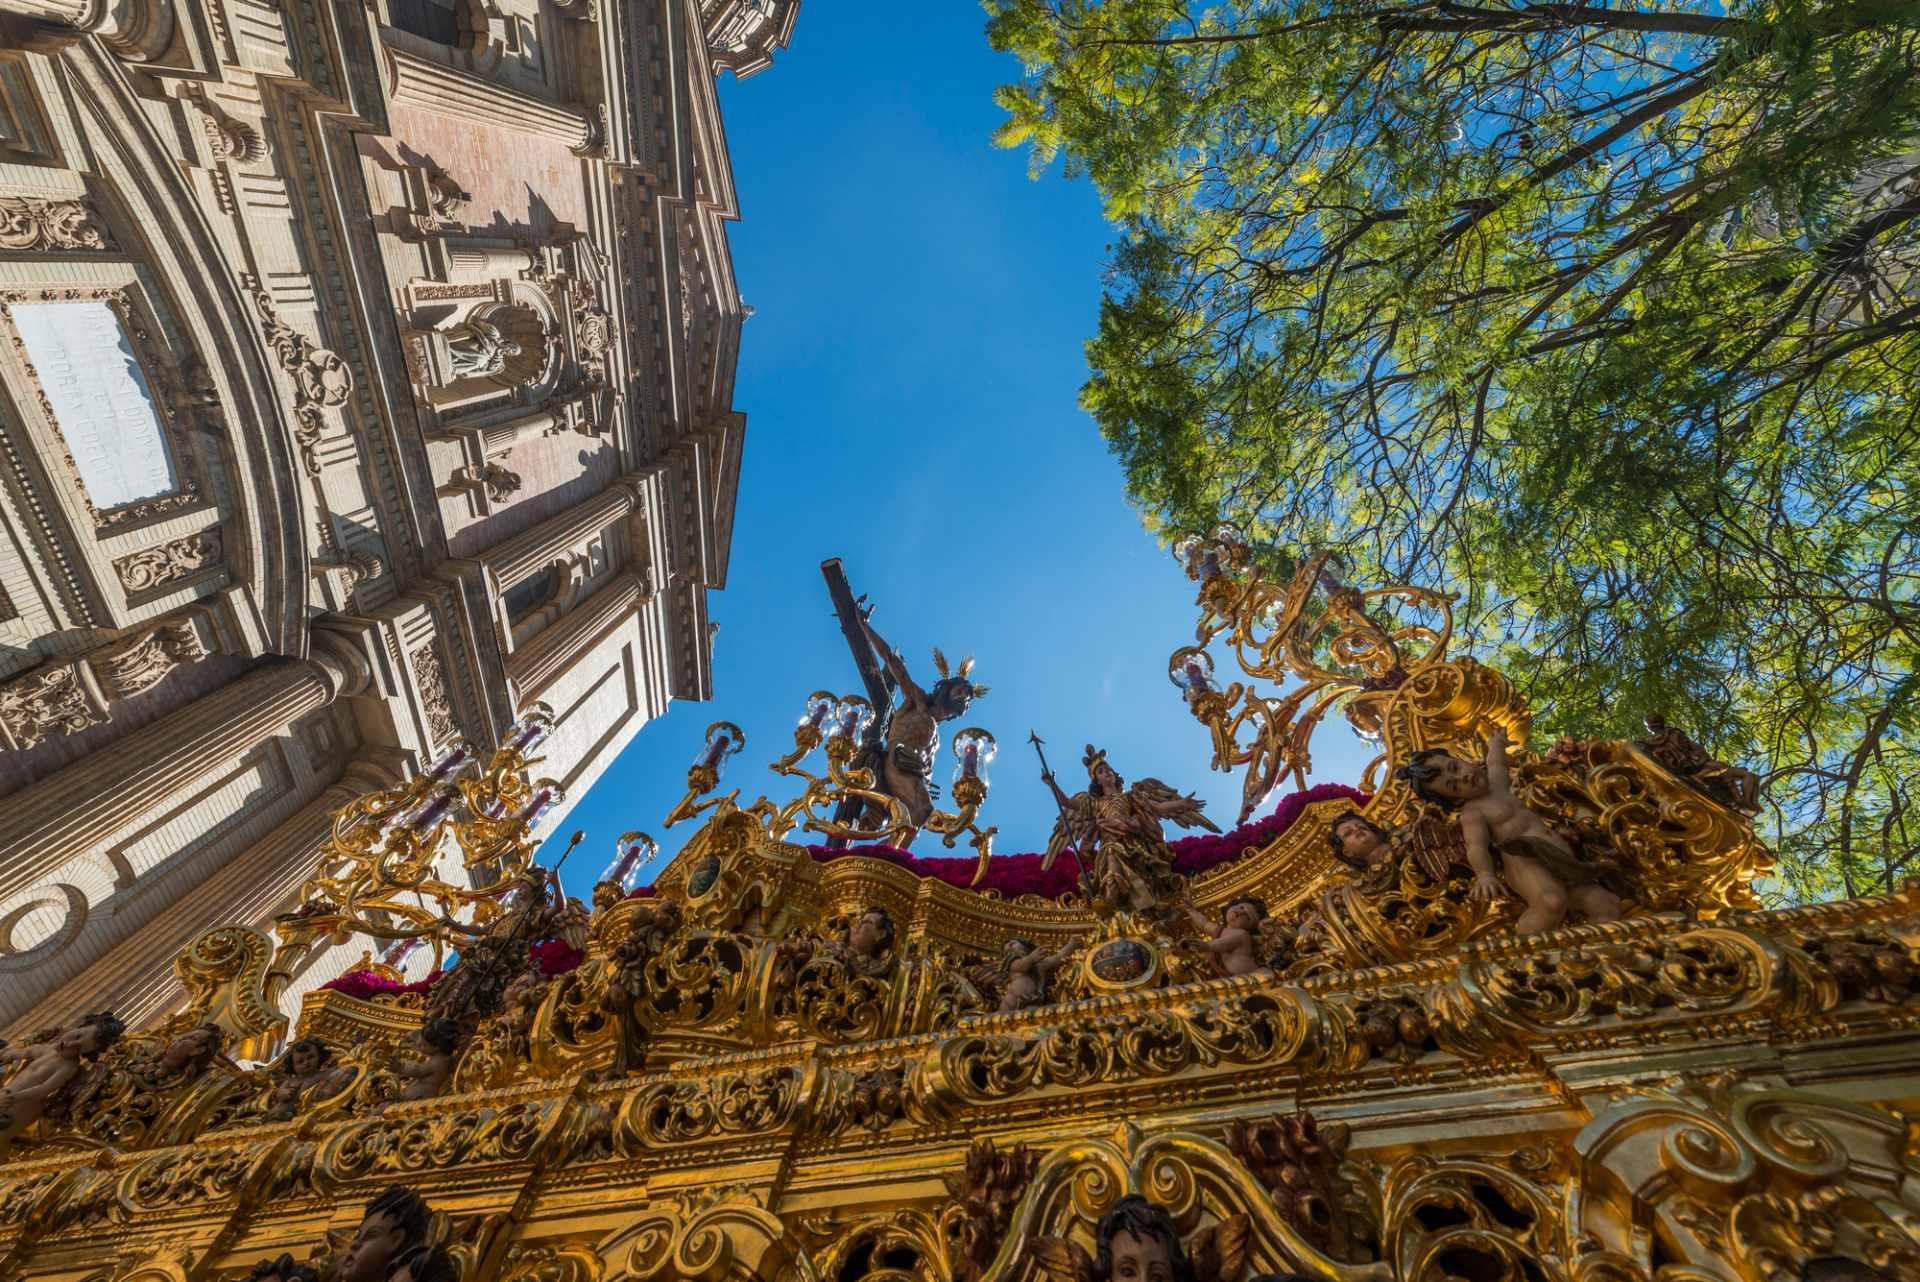 semana-santa-in-seville-holy-week-in-spain